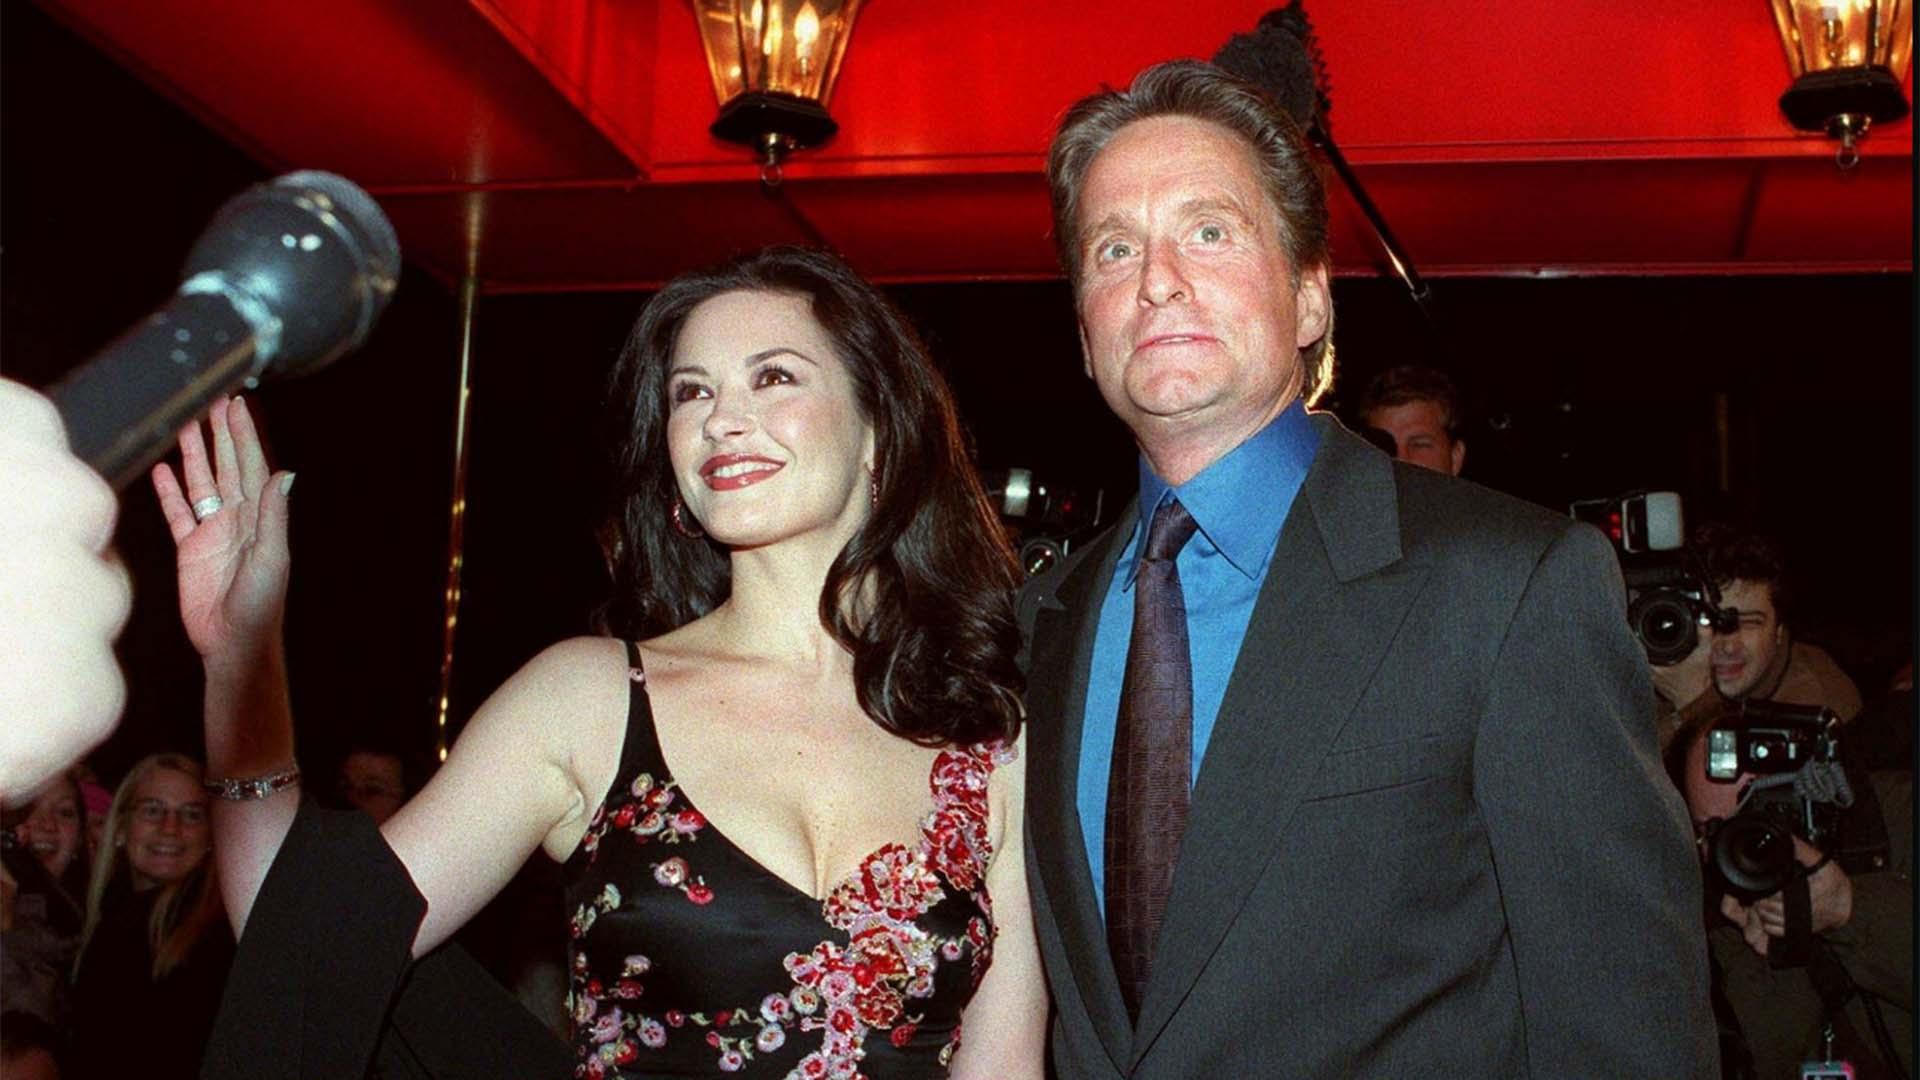 En el año 2000 eran la pareja más glamorosa de Hollywood. Se casaron el el Plaza Hotel, con fiesta de lujo y llegada en limousine (AP Photo/Mitch Jacobson)